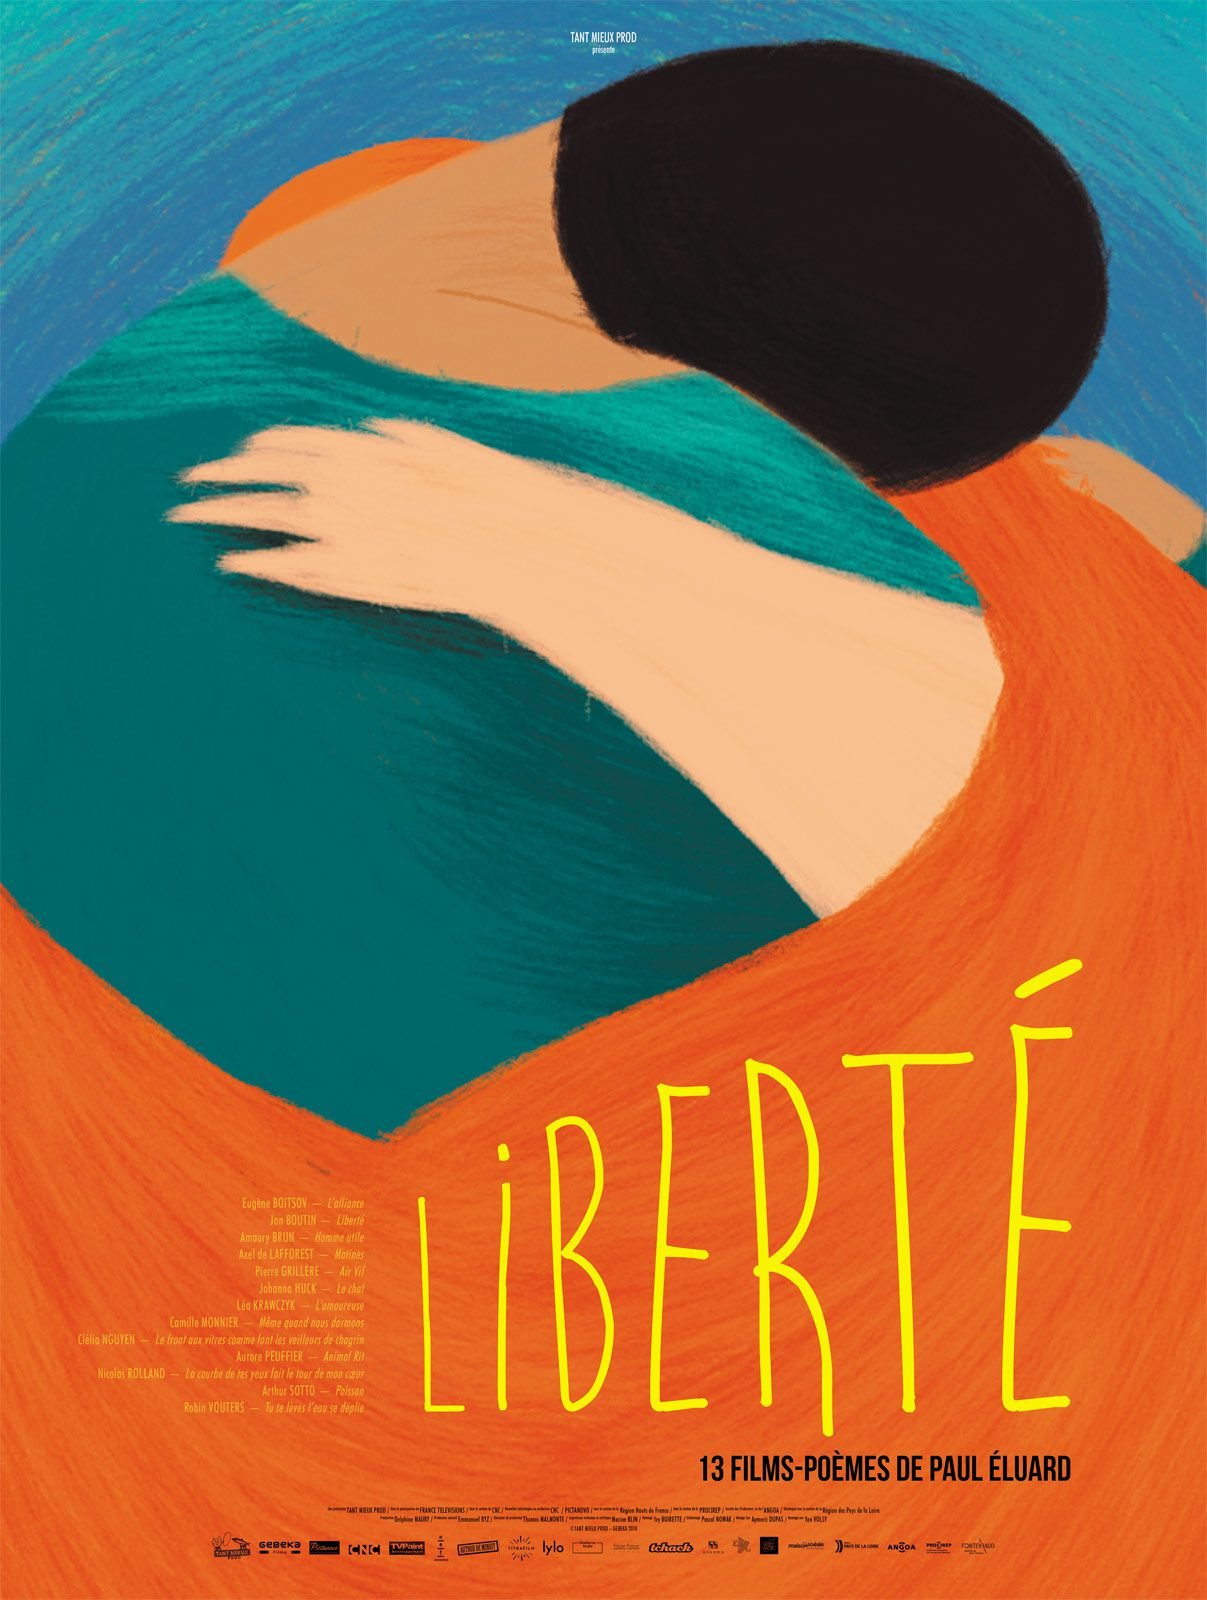 Liberté 13 films-poèmes de Paul Eluard - Documentaire (2018)